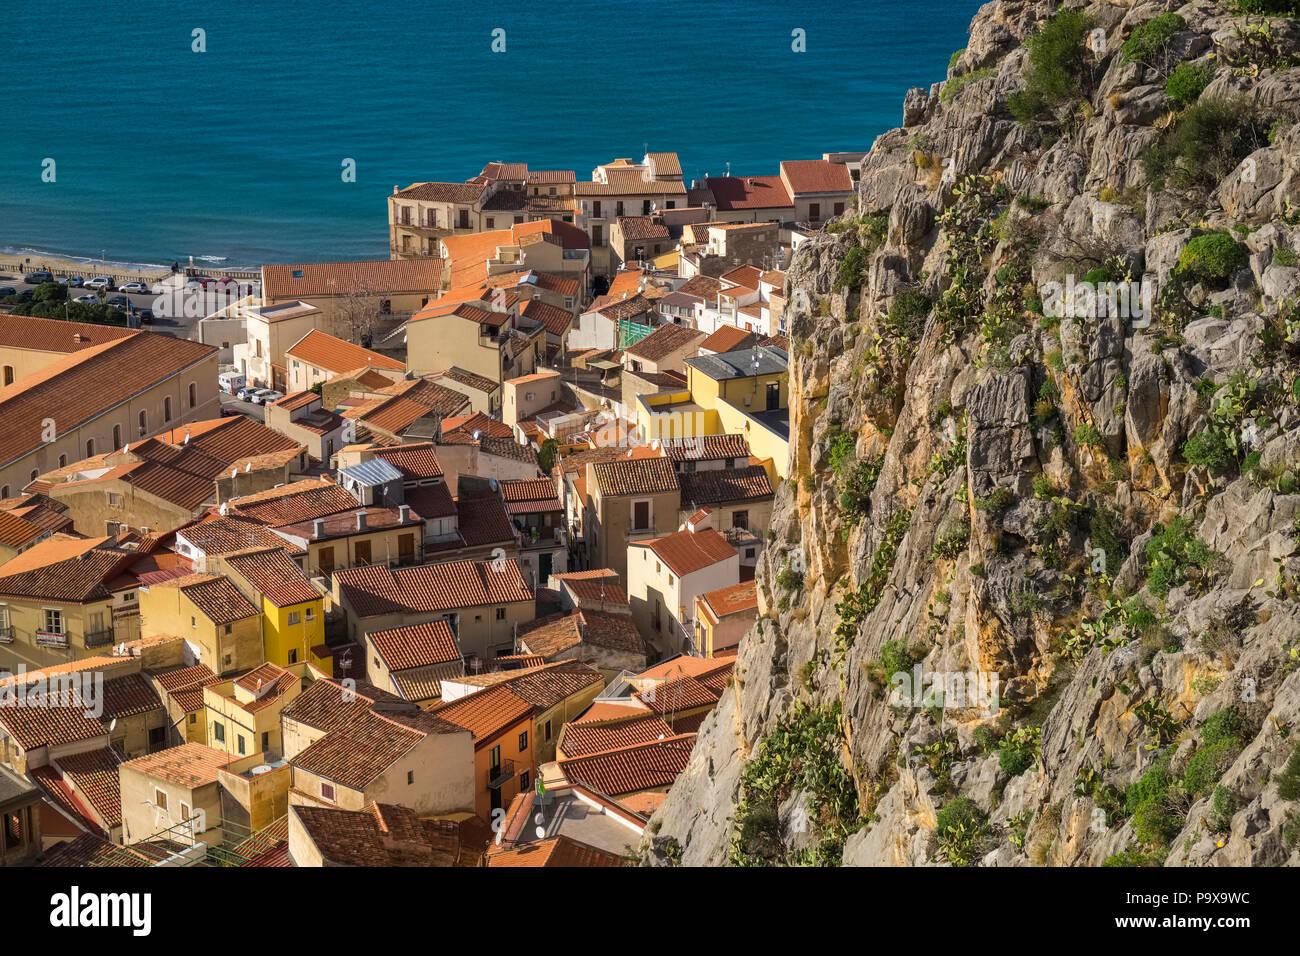 Luftaufnahme der verpackten überfüllten Stadt und die roten Dächer von Cefalu, Sizilien, Italien, Europa Stockbild